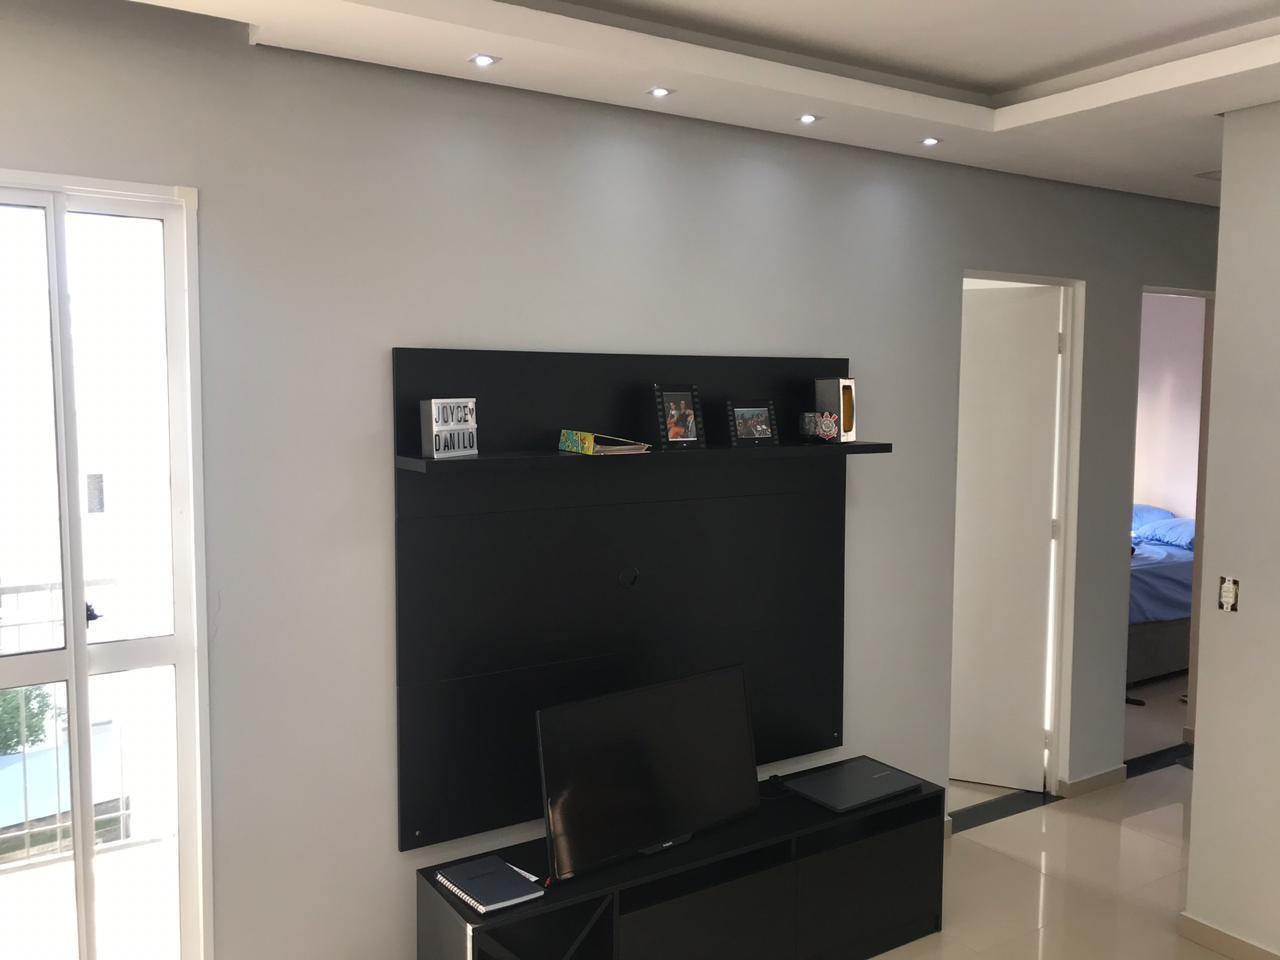 Apartamento com 2 dormitórios à venda, 48 m² por R$ 190.800 - Vila Inema - Hortolândia/SP